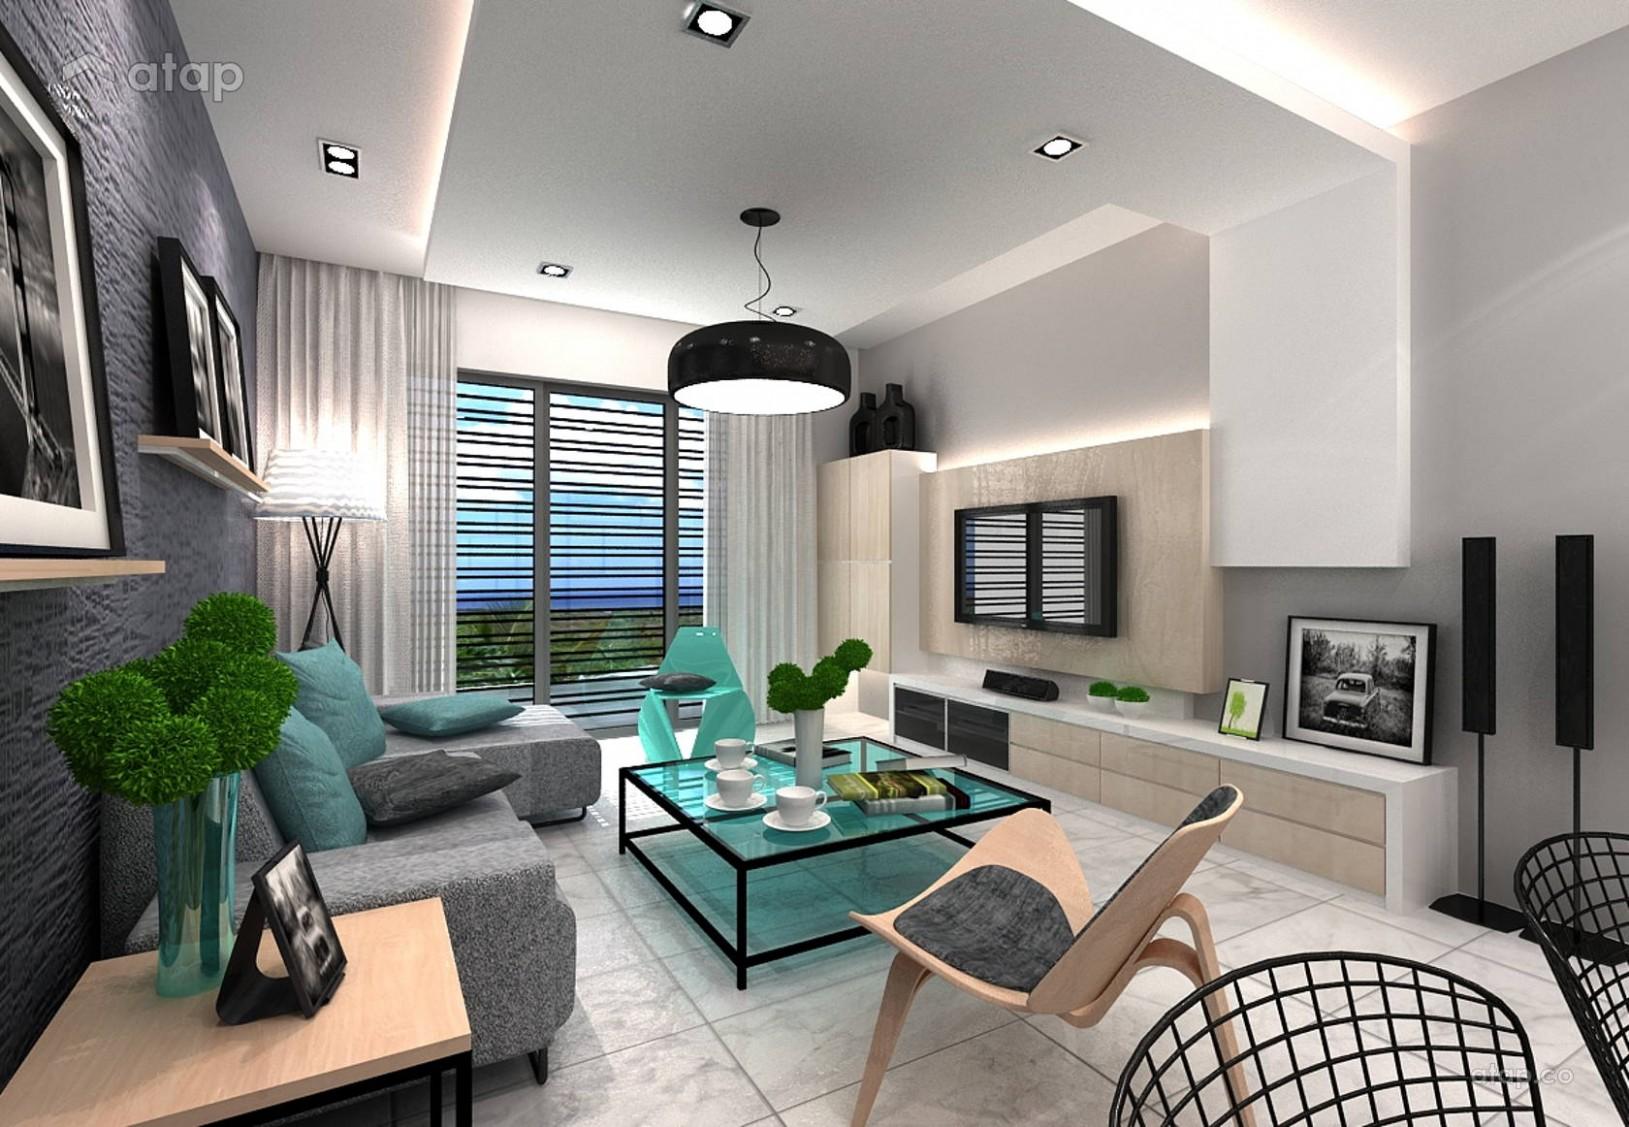 Modern Apartment Design interior design renovation ideas, photos  - Apartment Design Pictures